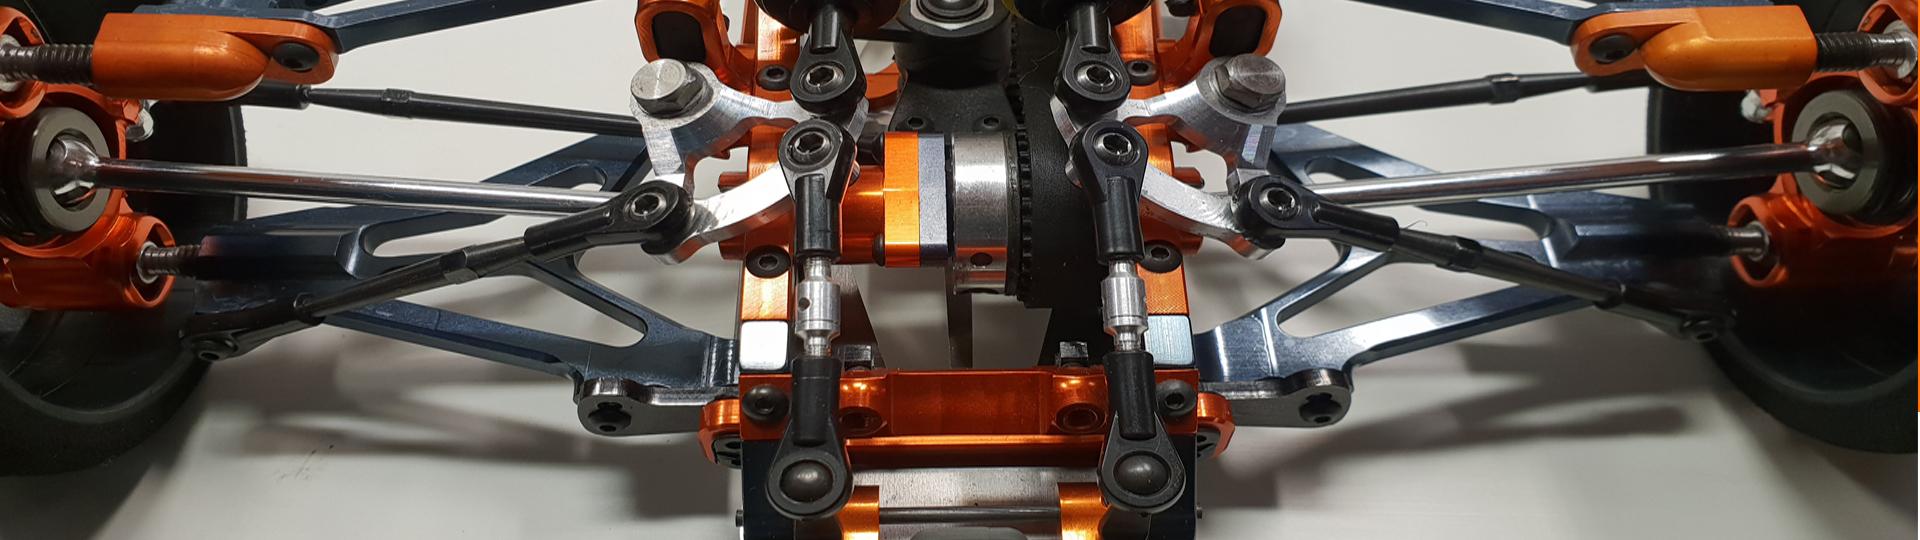 CNC-gefräste Vorderachs-Geometrie aus 7075 T6 Aluminium, eloxiert in verschiedenen Farben